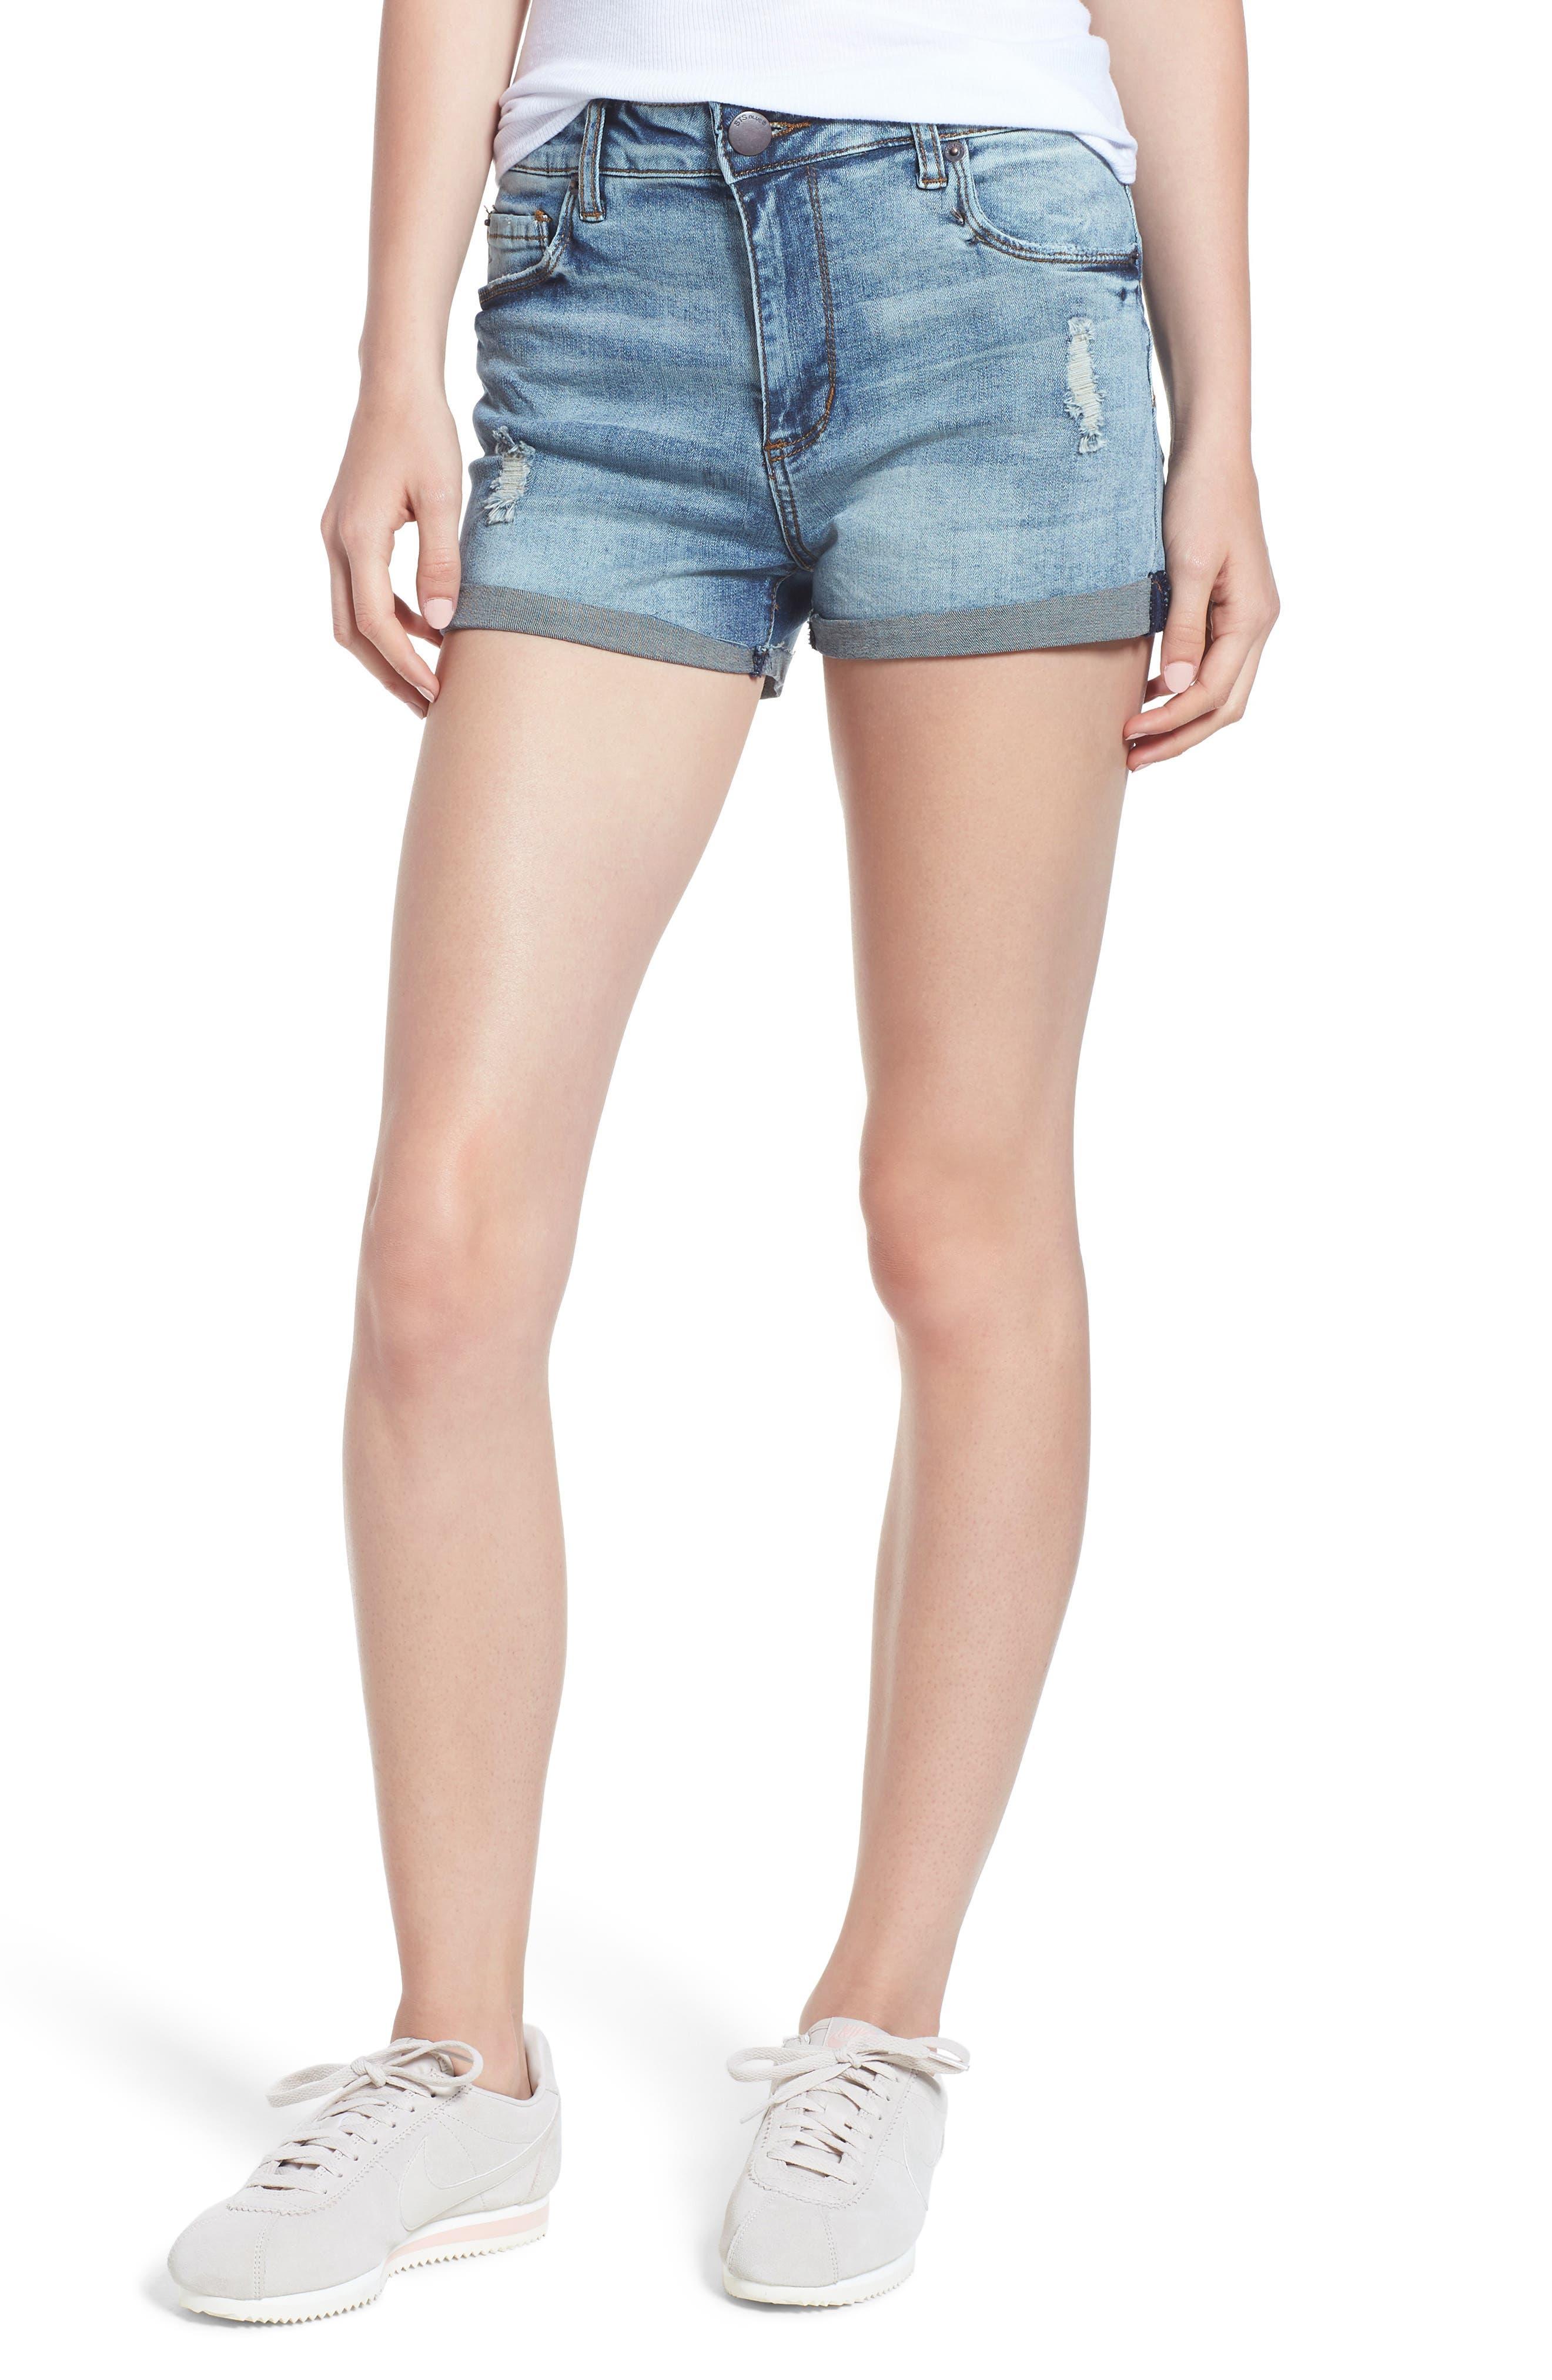 STS Blue Distressed High Waist Denim Shorts,                         Main,                         color, RIVINDEL W/ LT BASE